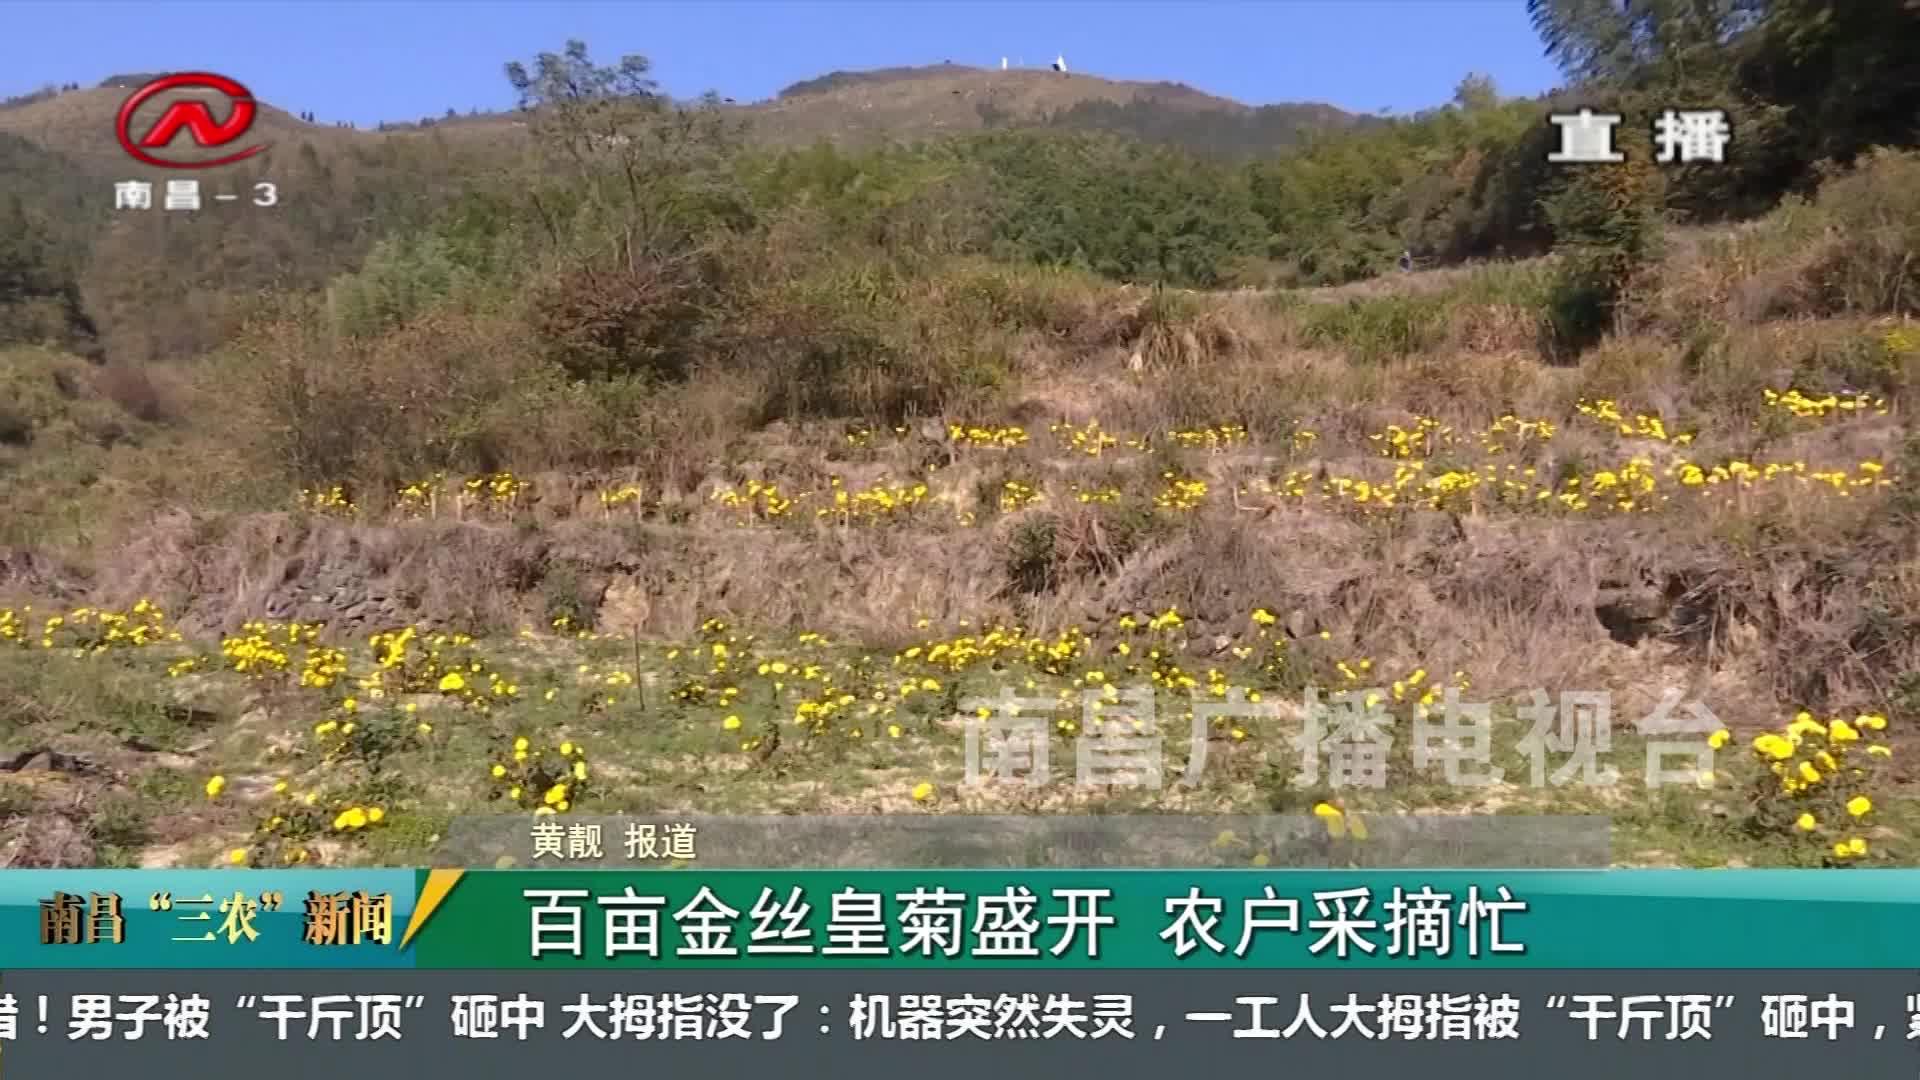 """【南昌""""三农""""新闻】百亩金丝皇菊盛开 农户采摘忙"""